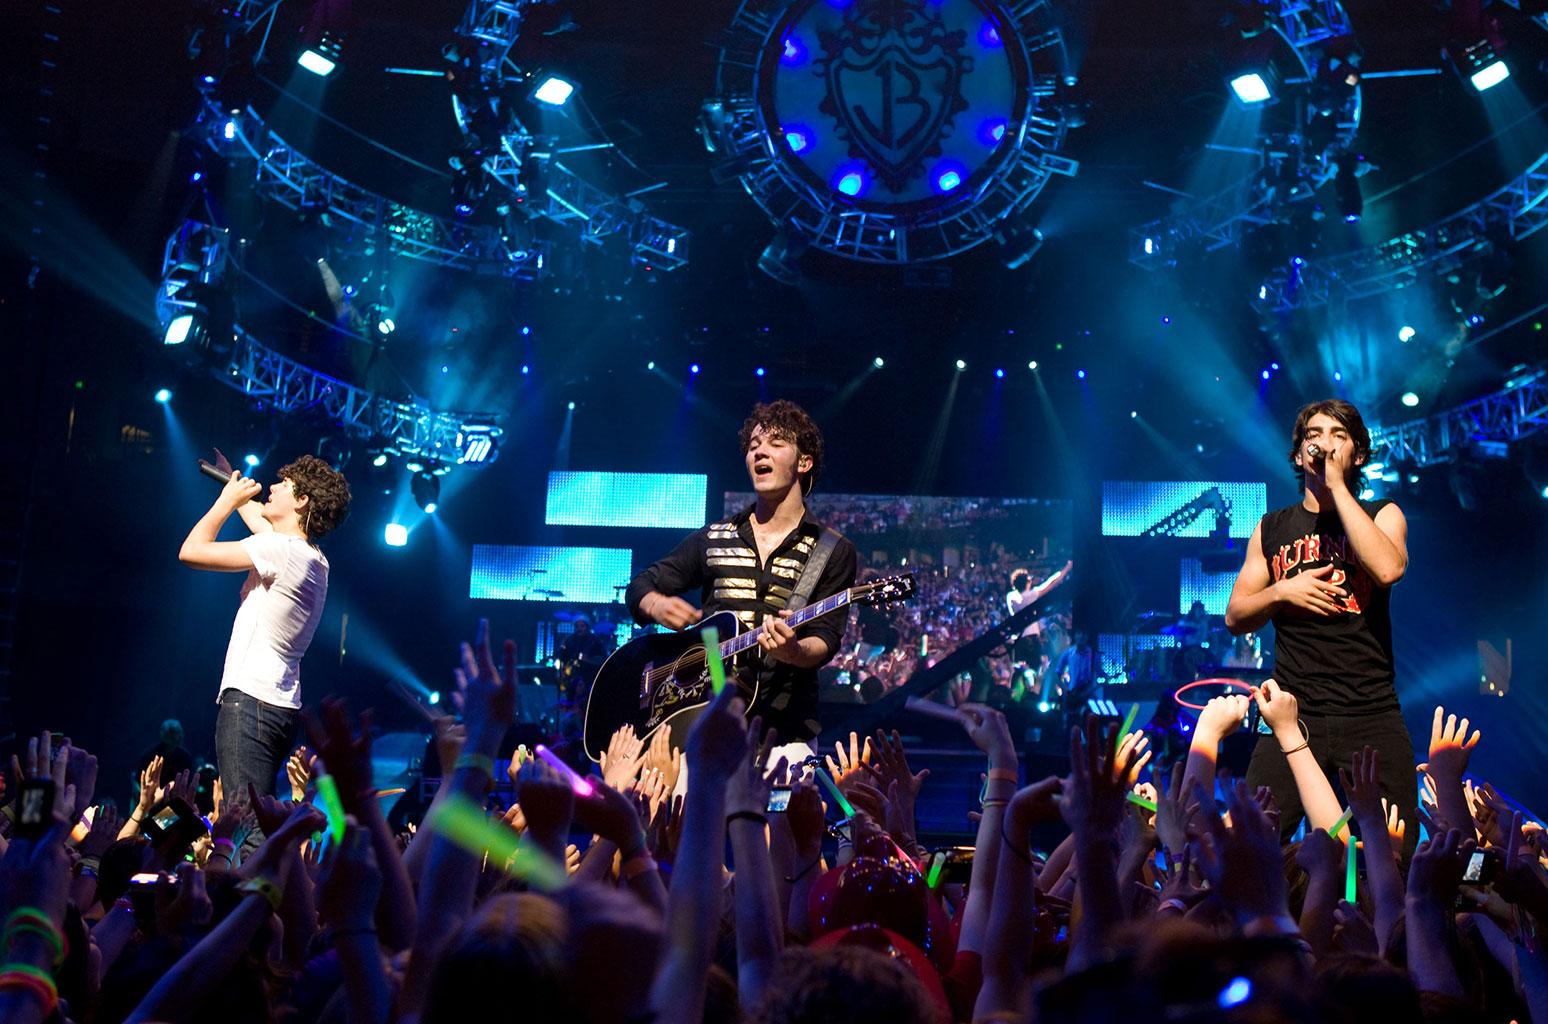 Nouvel album et nouvelle tournée pour les Jonas Brothers